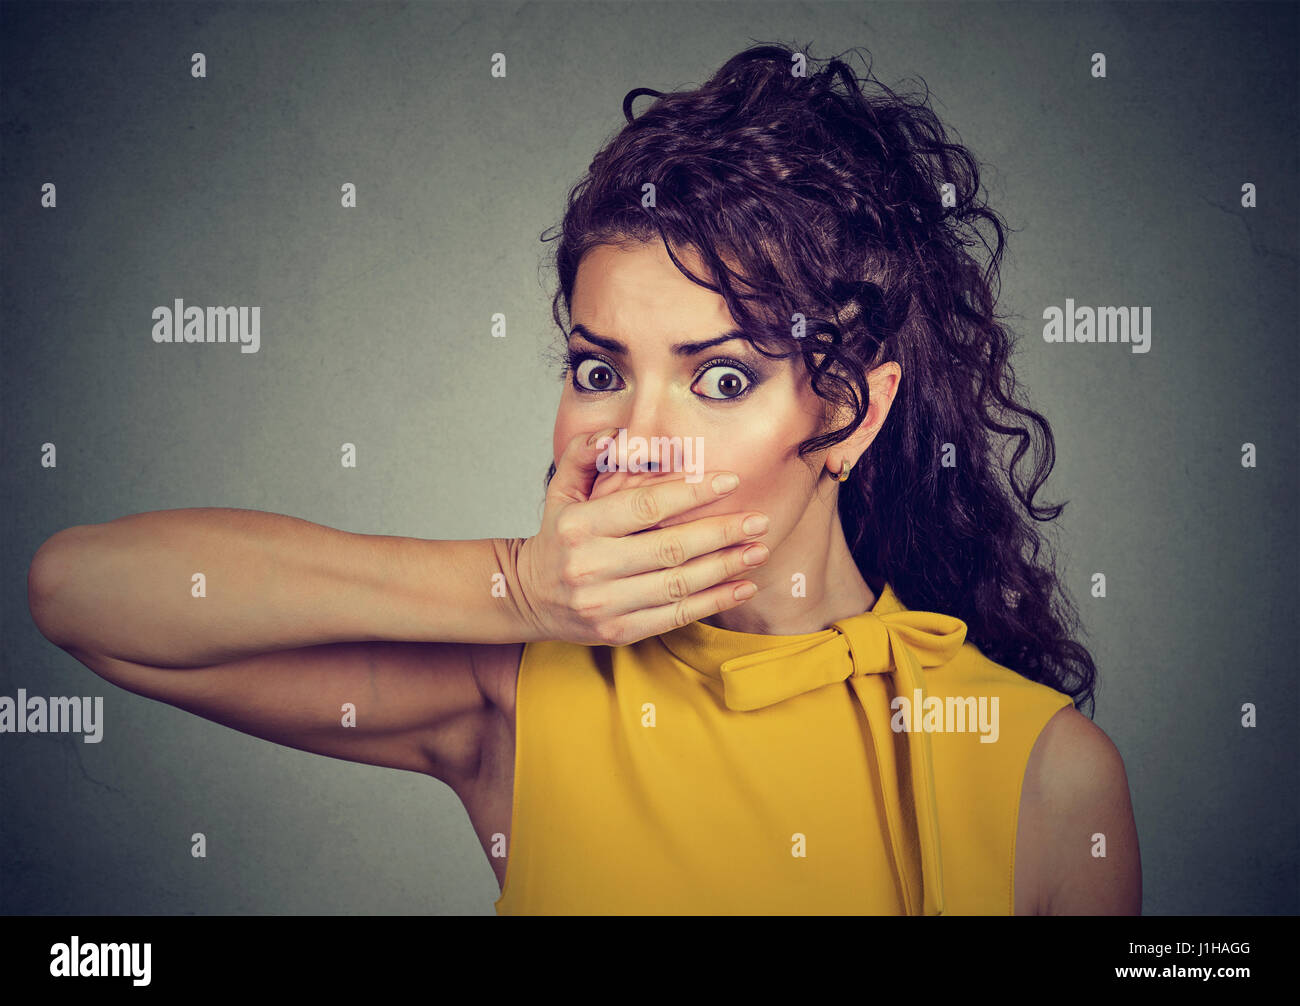 Closeup Portrait von Angst, junge Frau, die den Mund mit der Hand ihr auf graue Wand Hintergrund isoliert Stockfoto